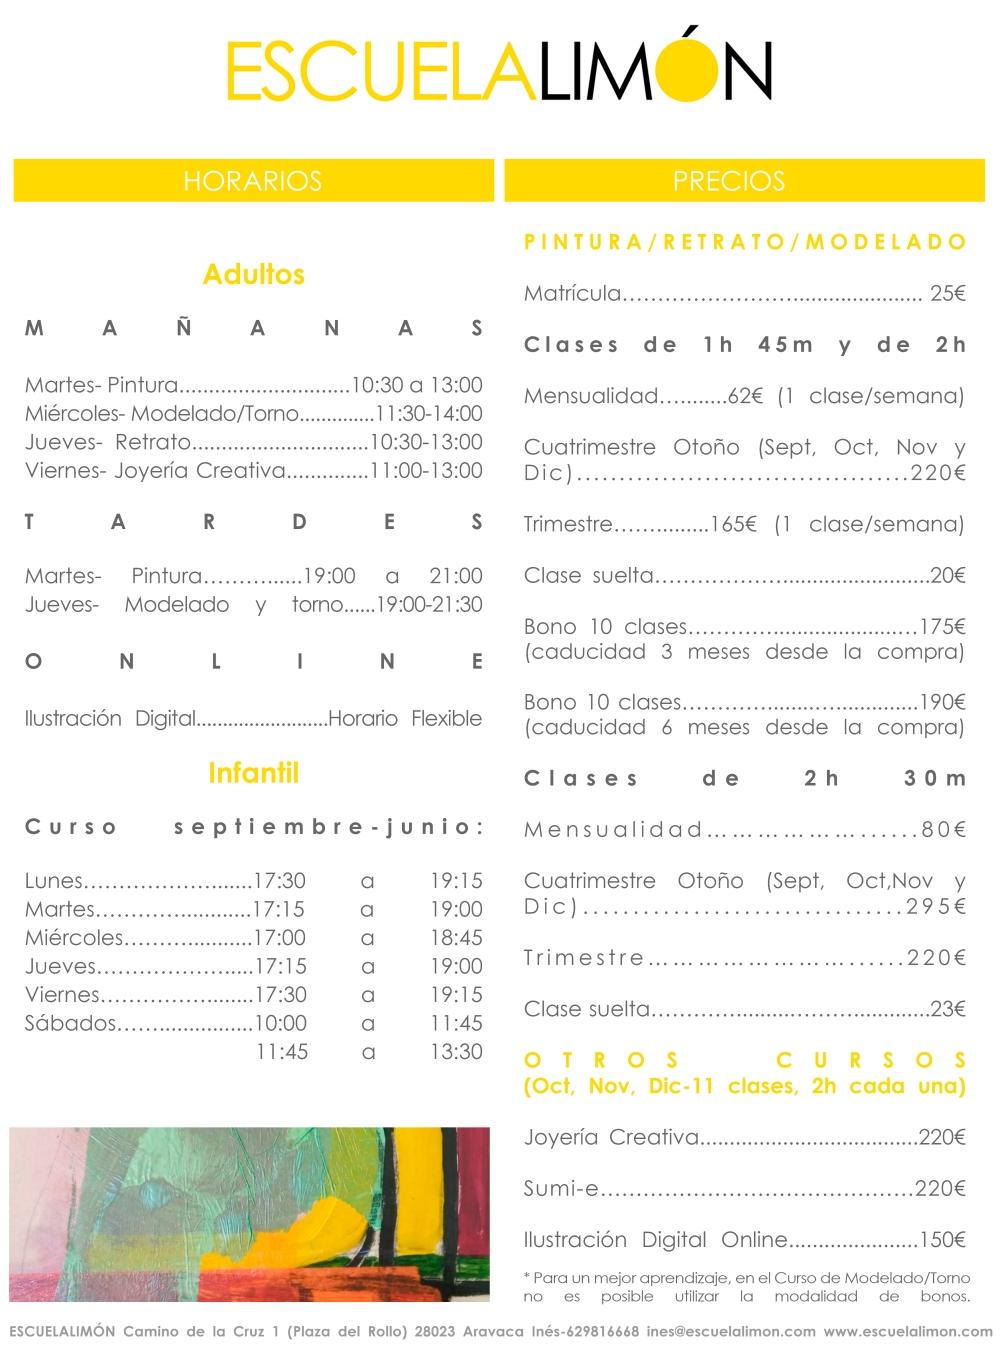 Horarios y Precios_2019-20.02